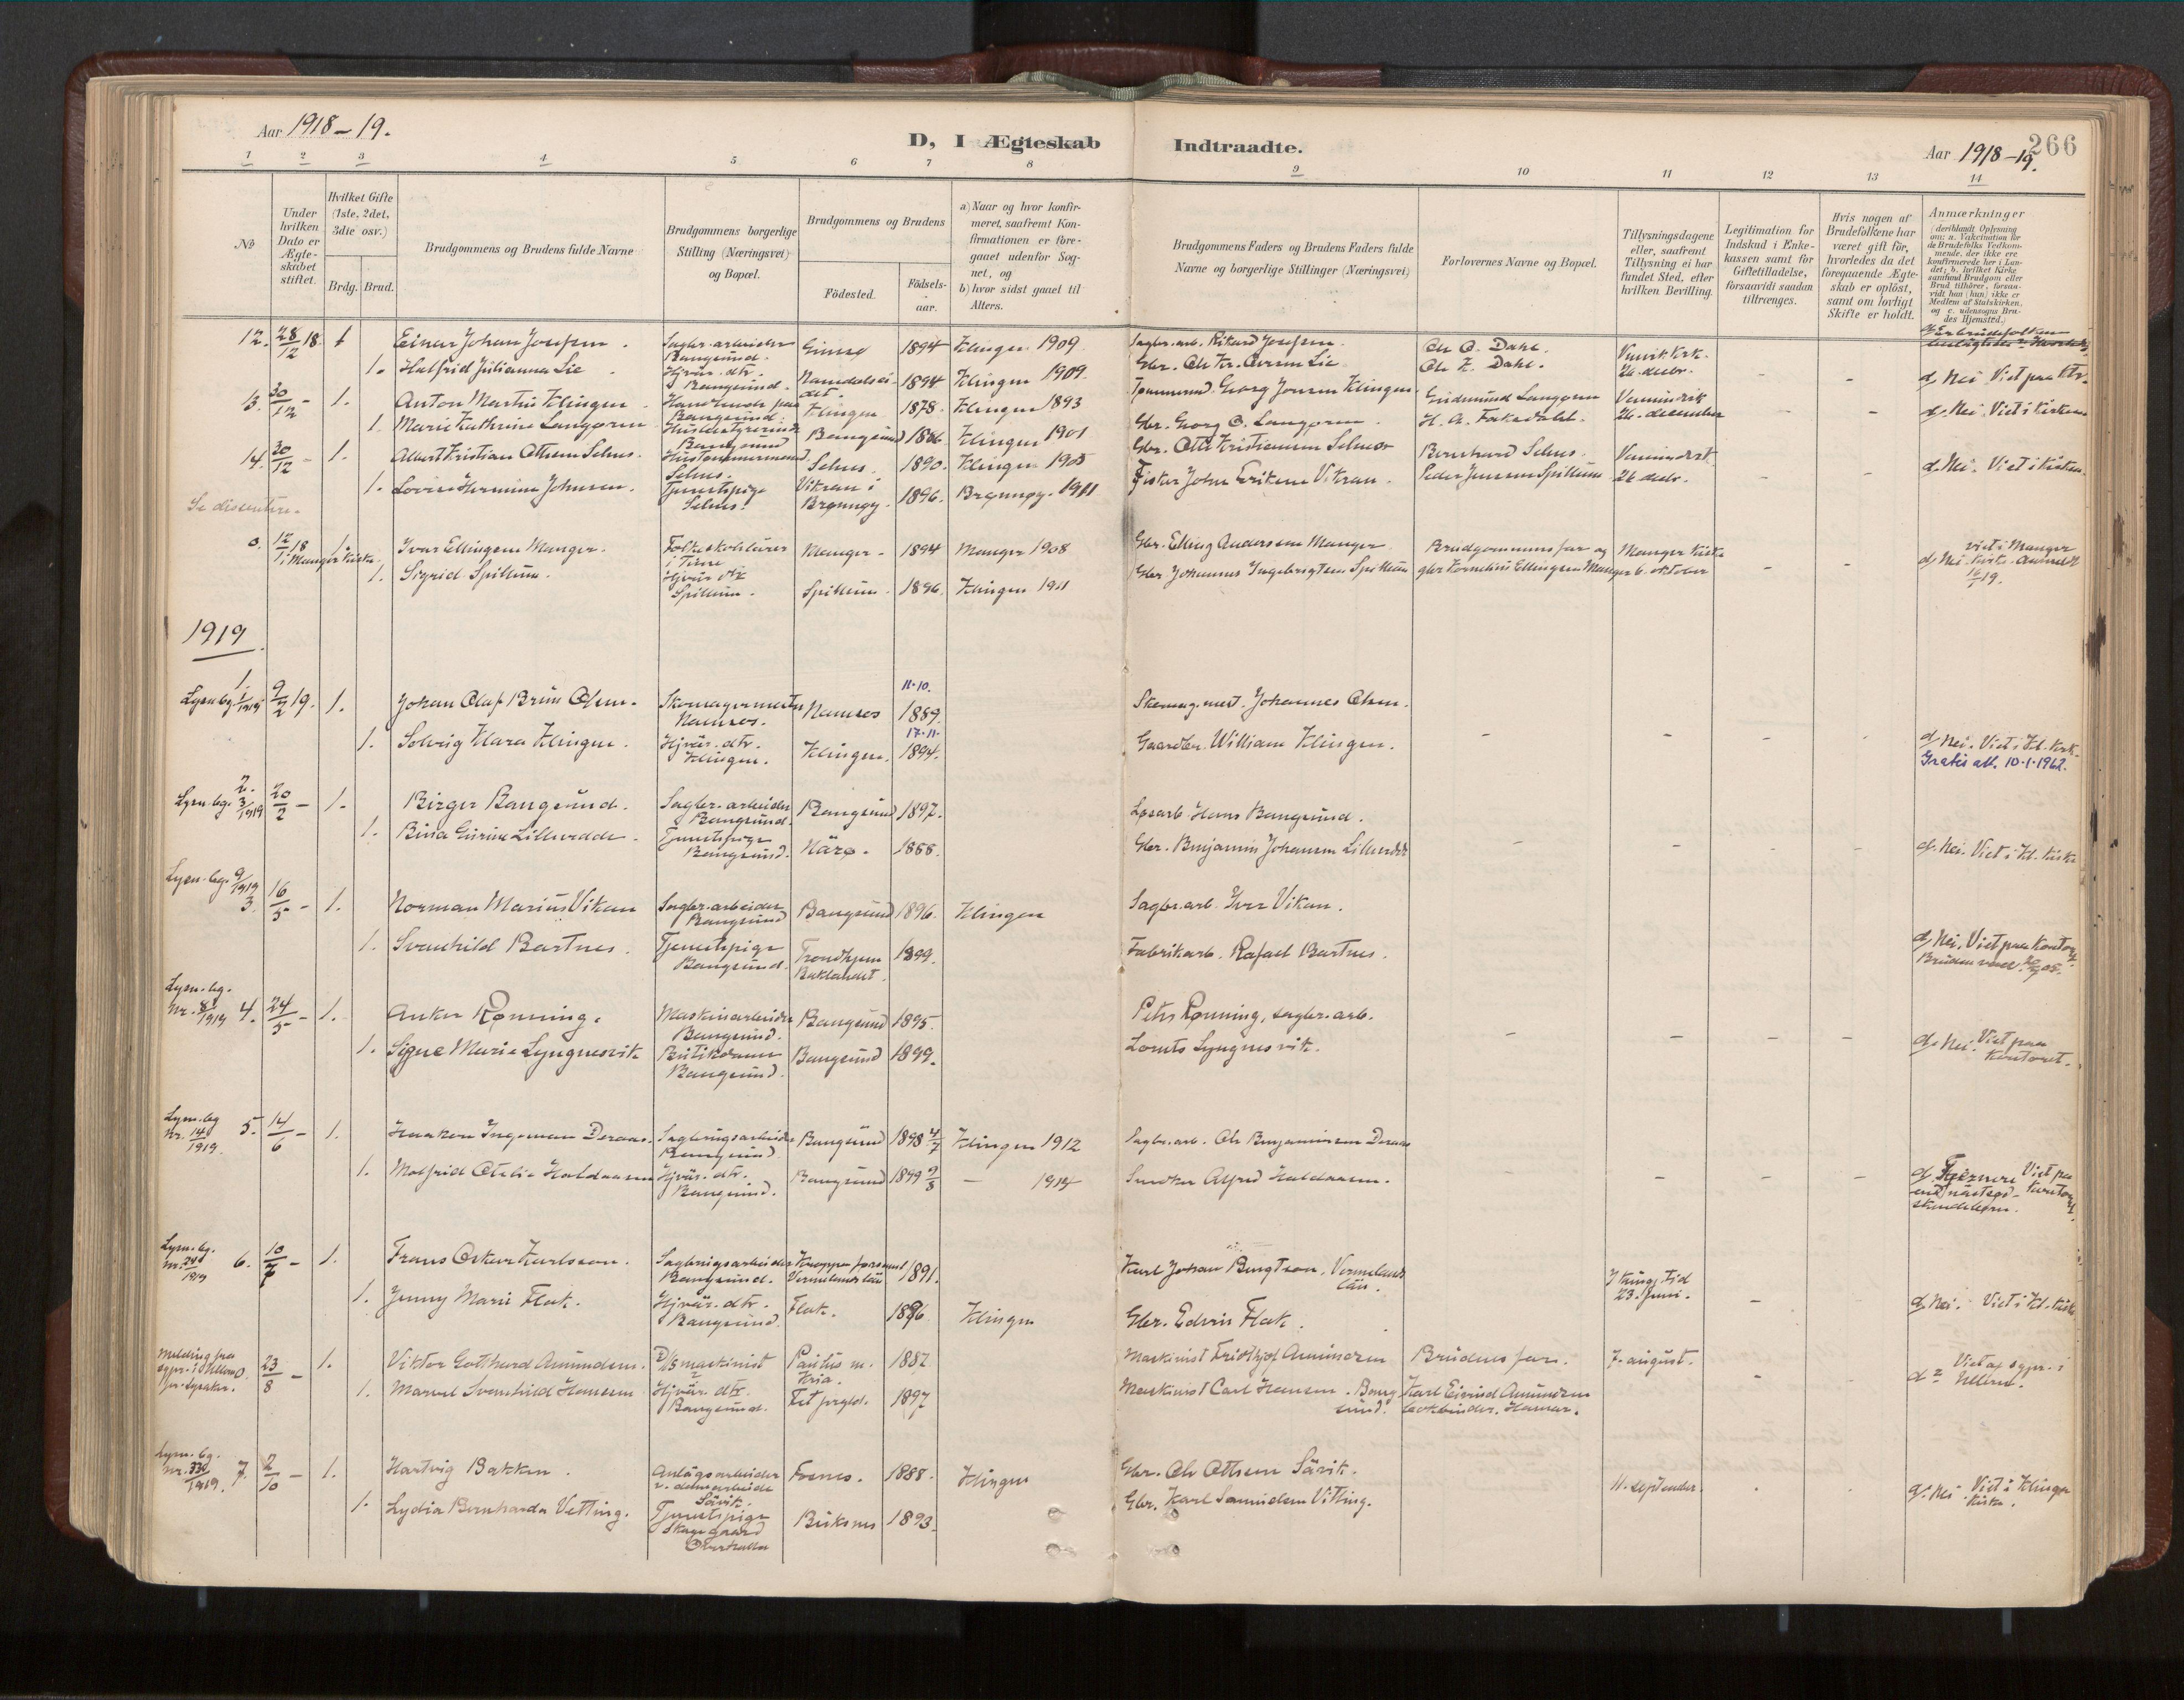 SAT, Ministerialprotokoller, klokkerbøker og fødselsregistre - Nord-Trøndelag, 770/L0589: Ministerialbok nr. 770A03, 1887-1929, s. 266